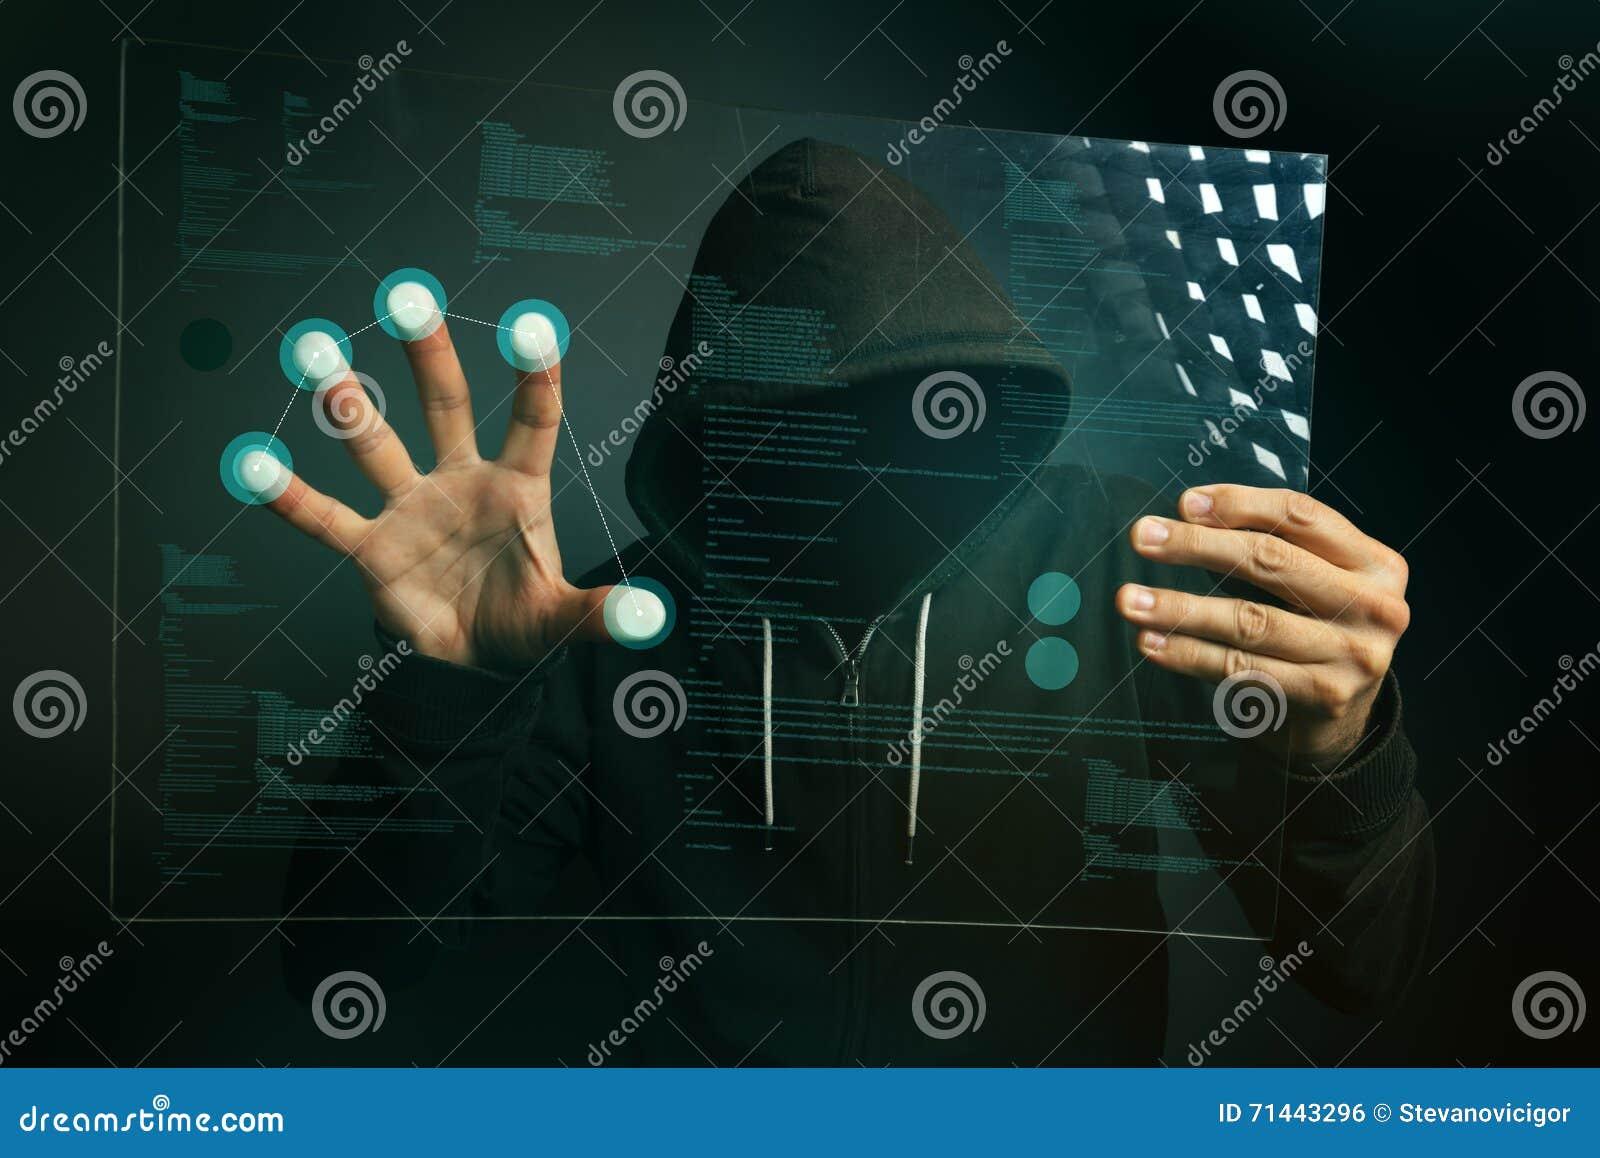 Identifiera med fingeravtryck ID app på futuristisk minnestavladatorbärare